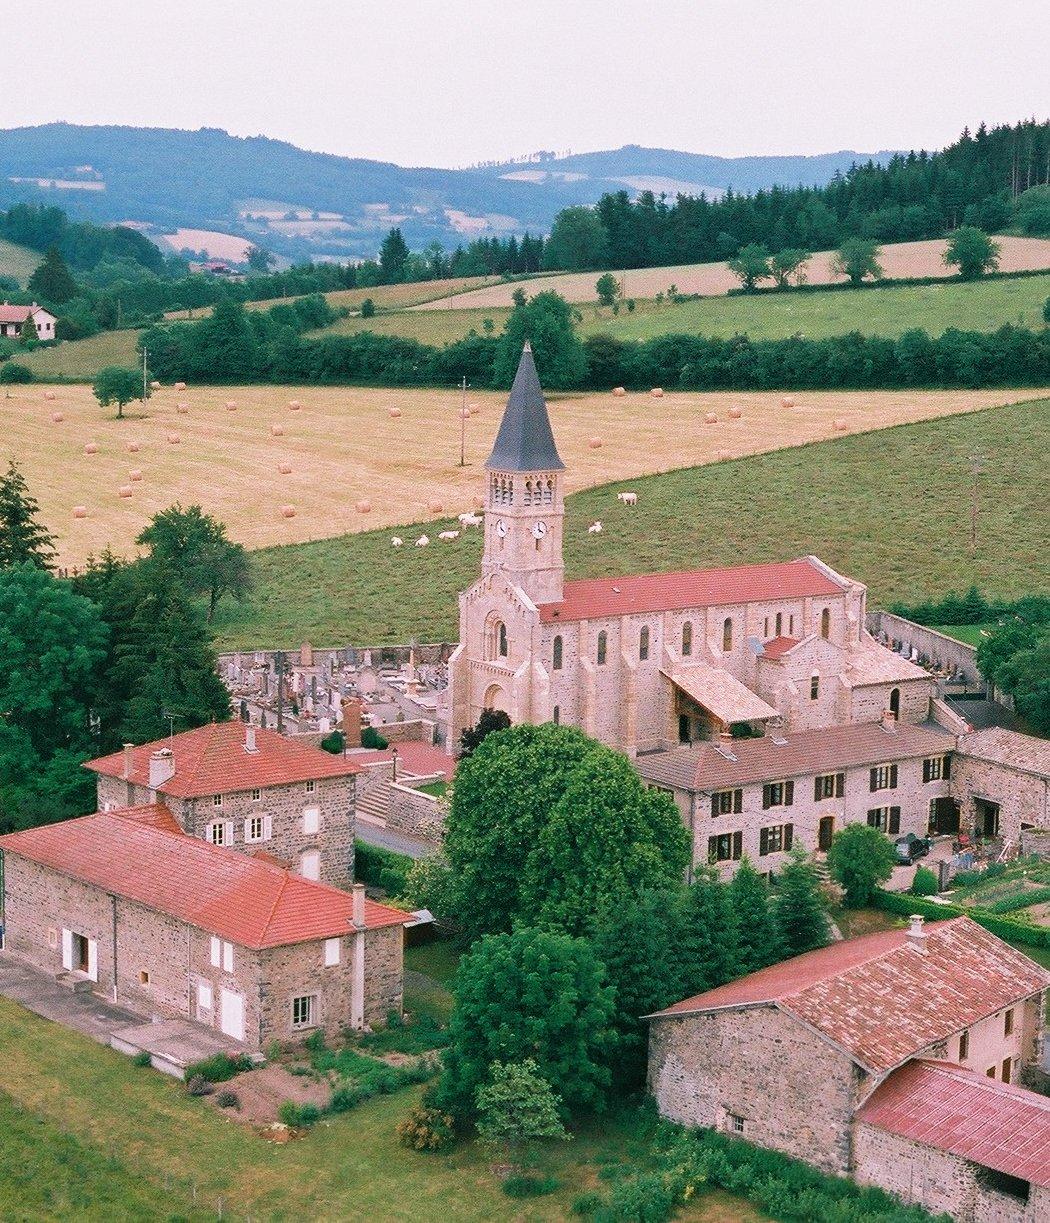 Eglise de ch nelette beaujolais vert site officiel de - Site officiel office de tourisme de cauterets ...